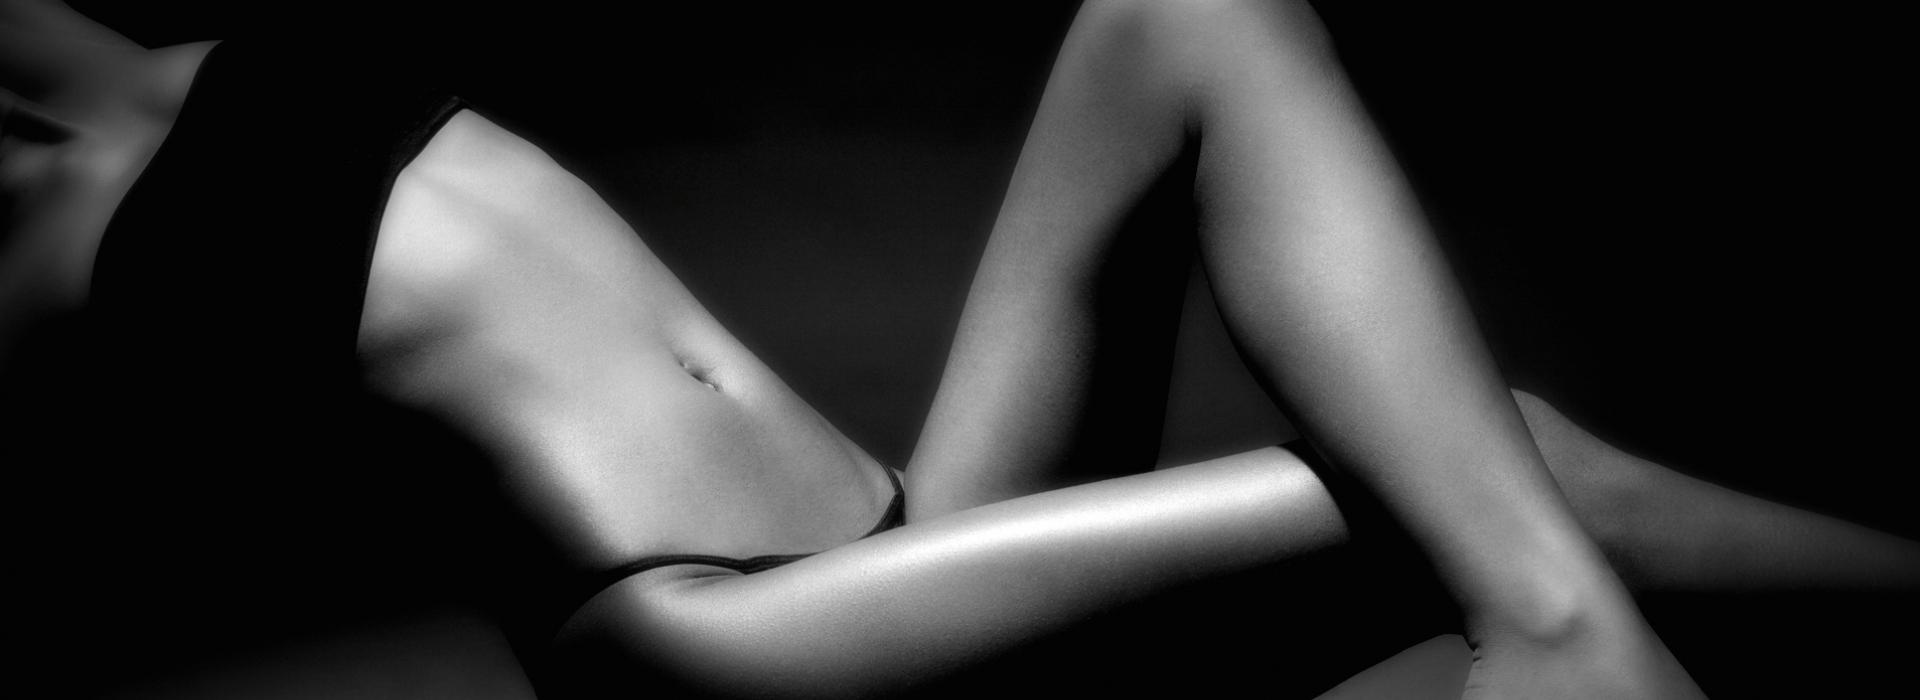 Леди Эстетик (лазерная эпиляция) image